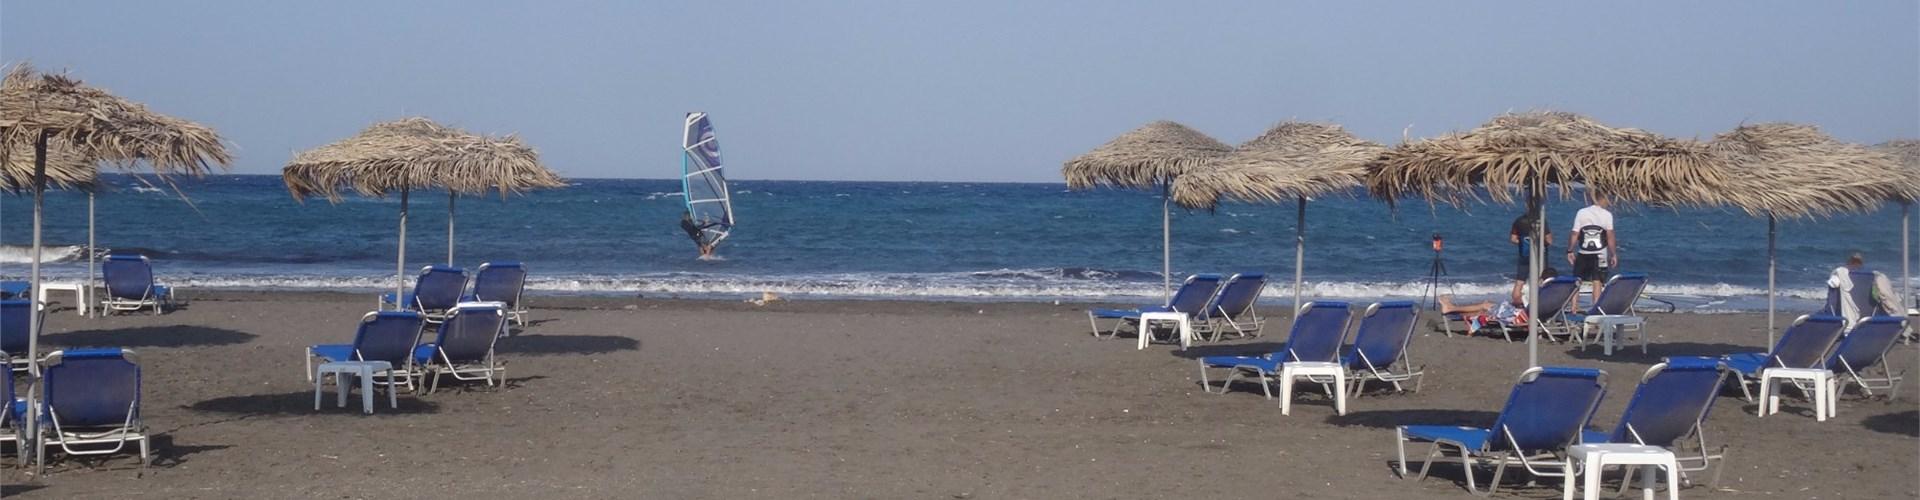 Monolithos beach - Beaches - Santorini